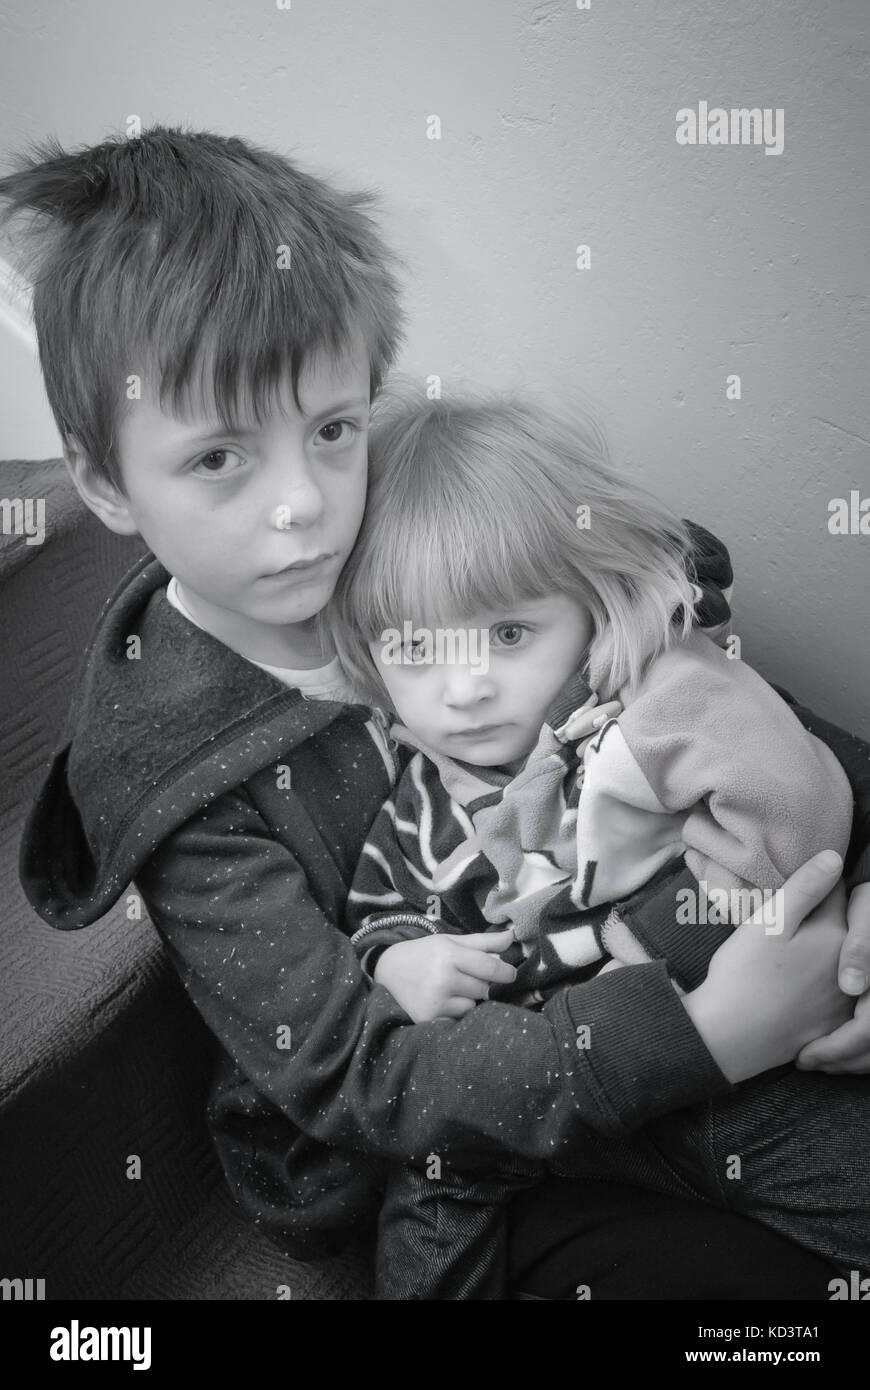 Concettuale di una immagine in bianco e nero di due fratelli che rappresentano una gamma di concetti come la povertà, Immagini Stock